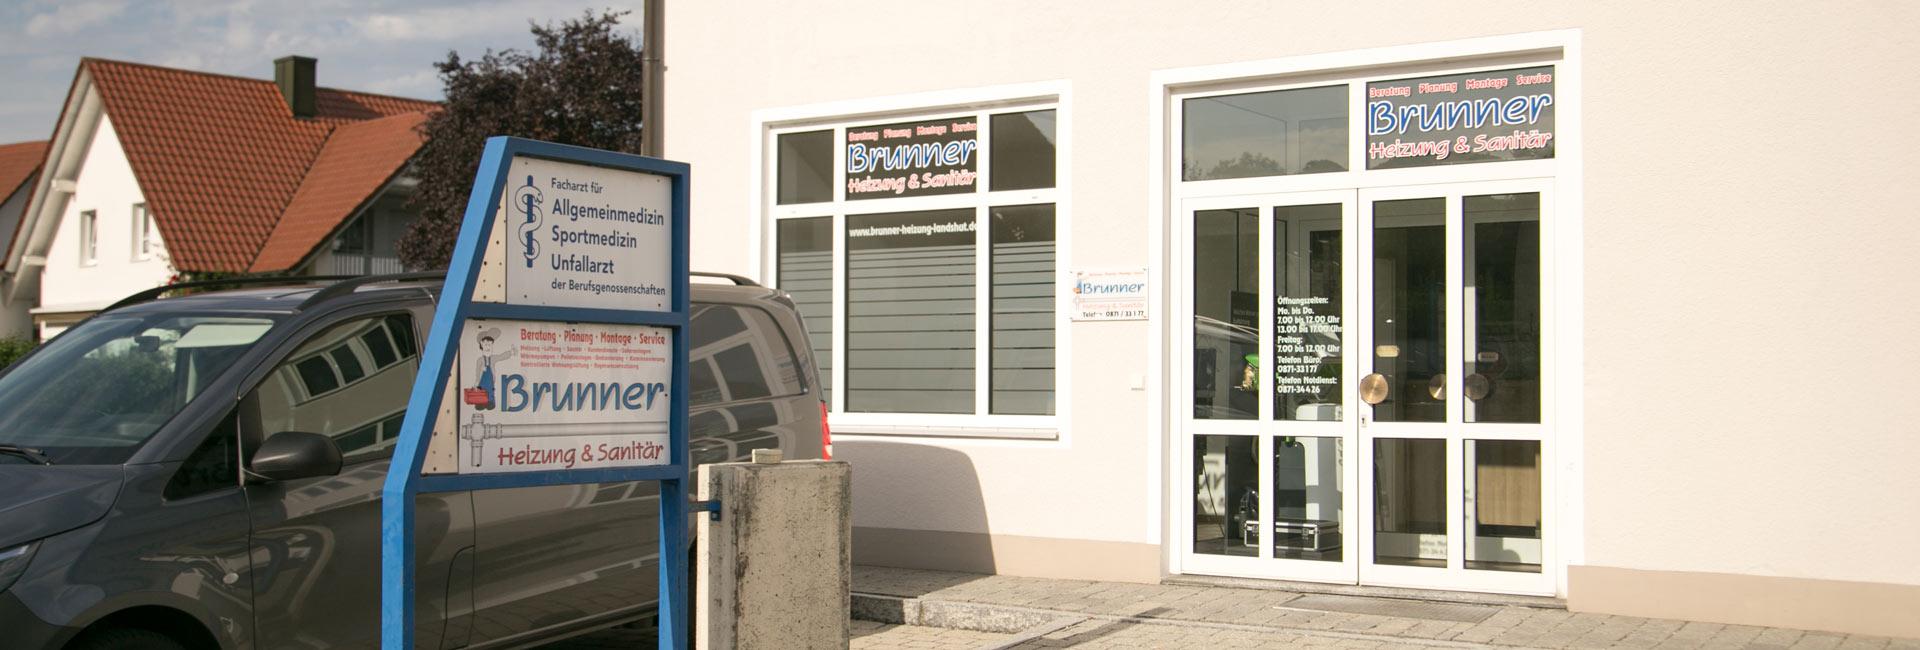 Heizung und Sanitär Brunner in Altdorf